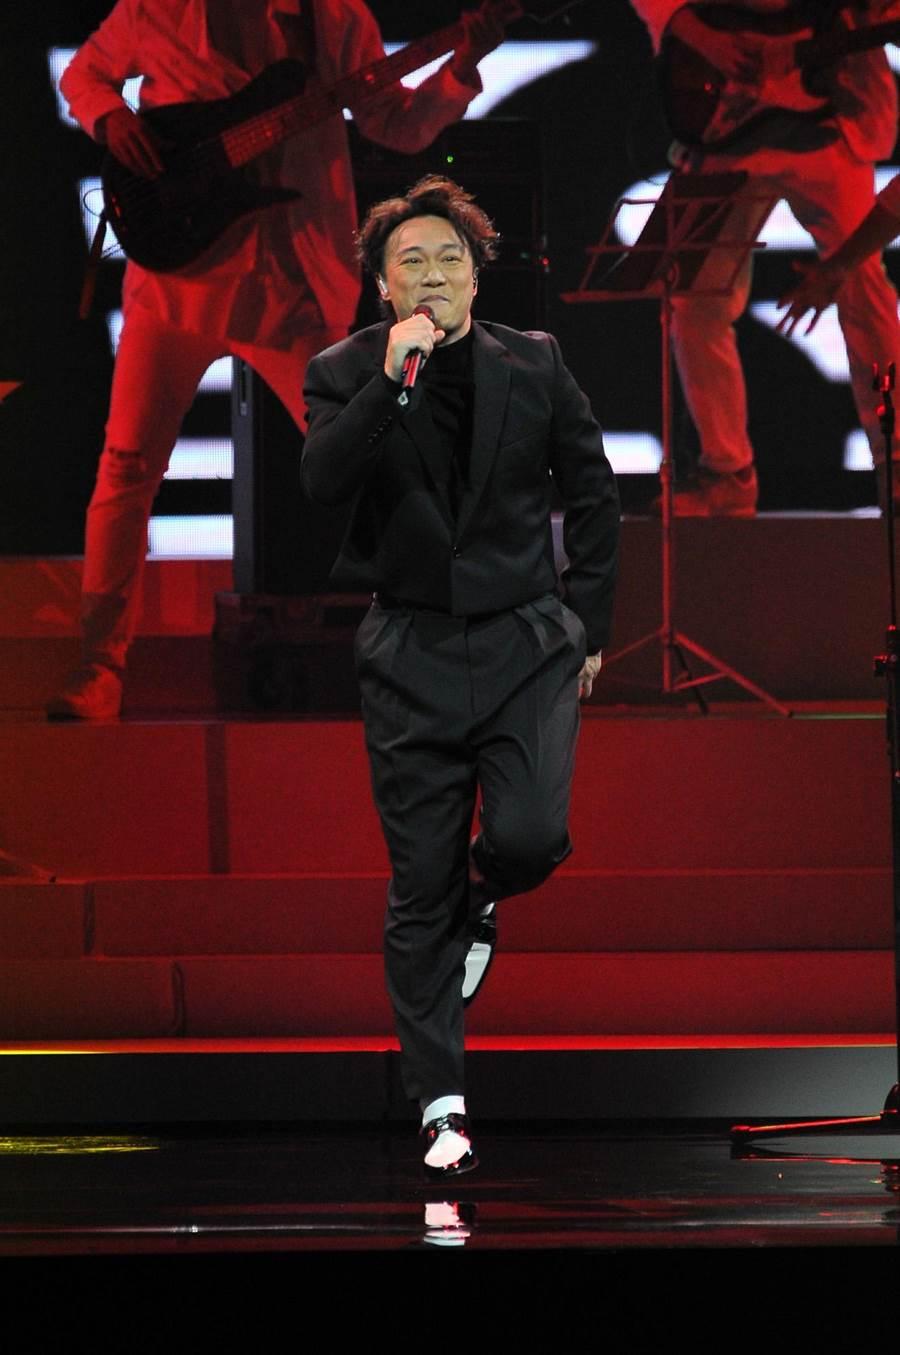 陳奕迅擔任金曲獎頒獎典禮表演嘉賓,一開場就獲滿堂彩。台視提供